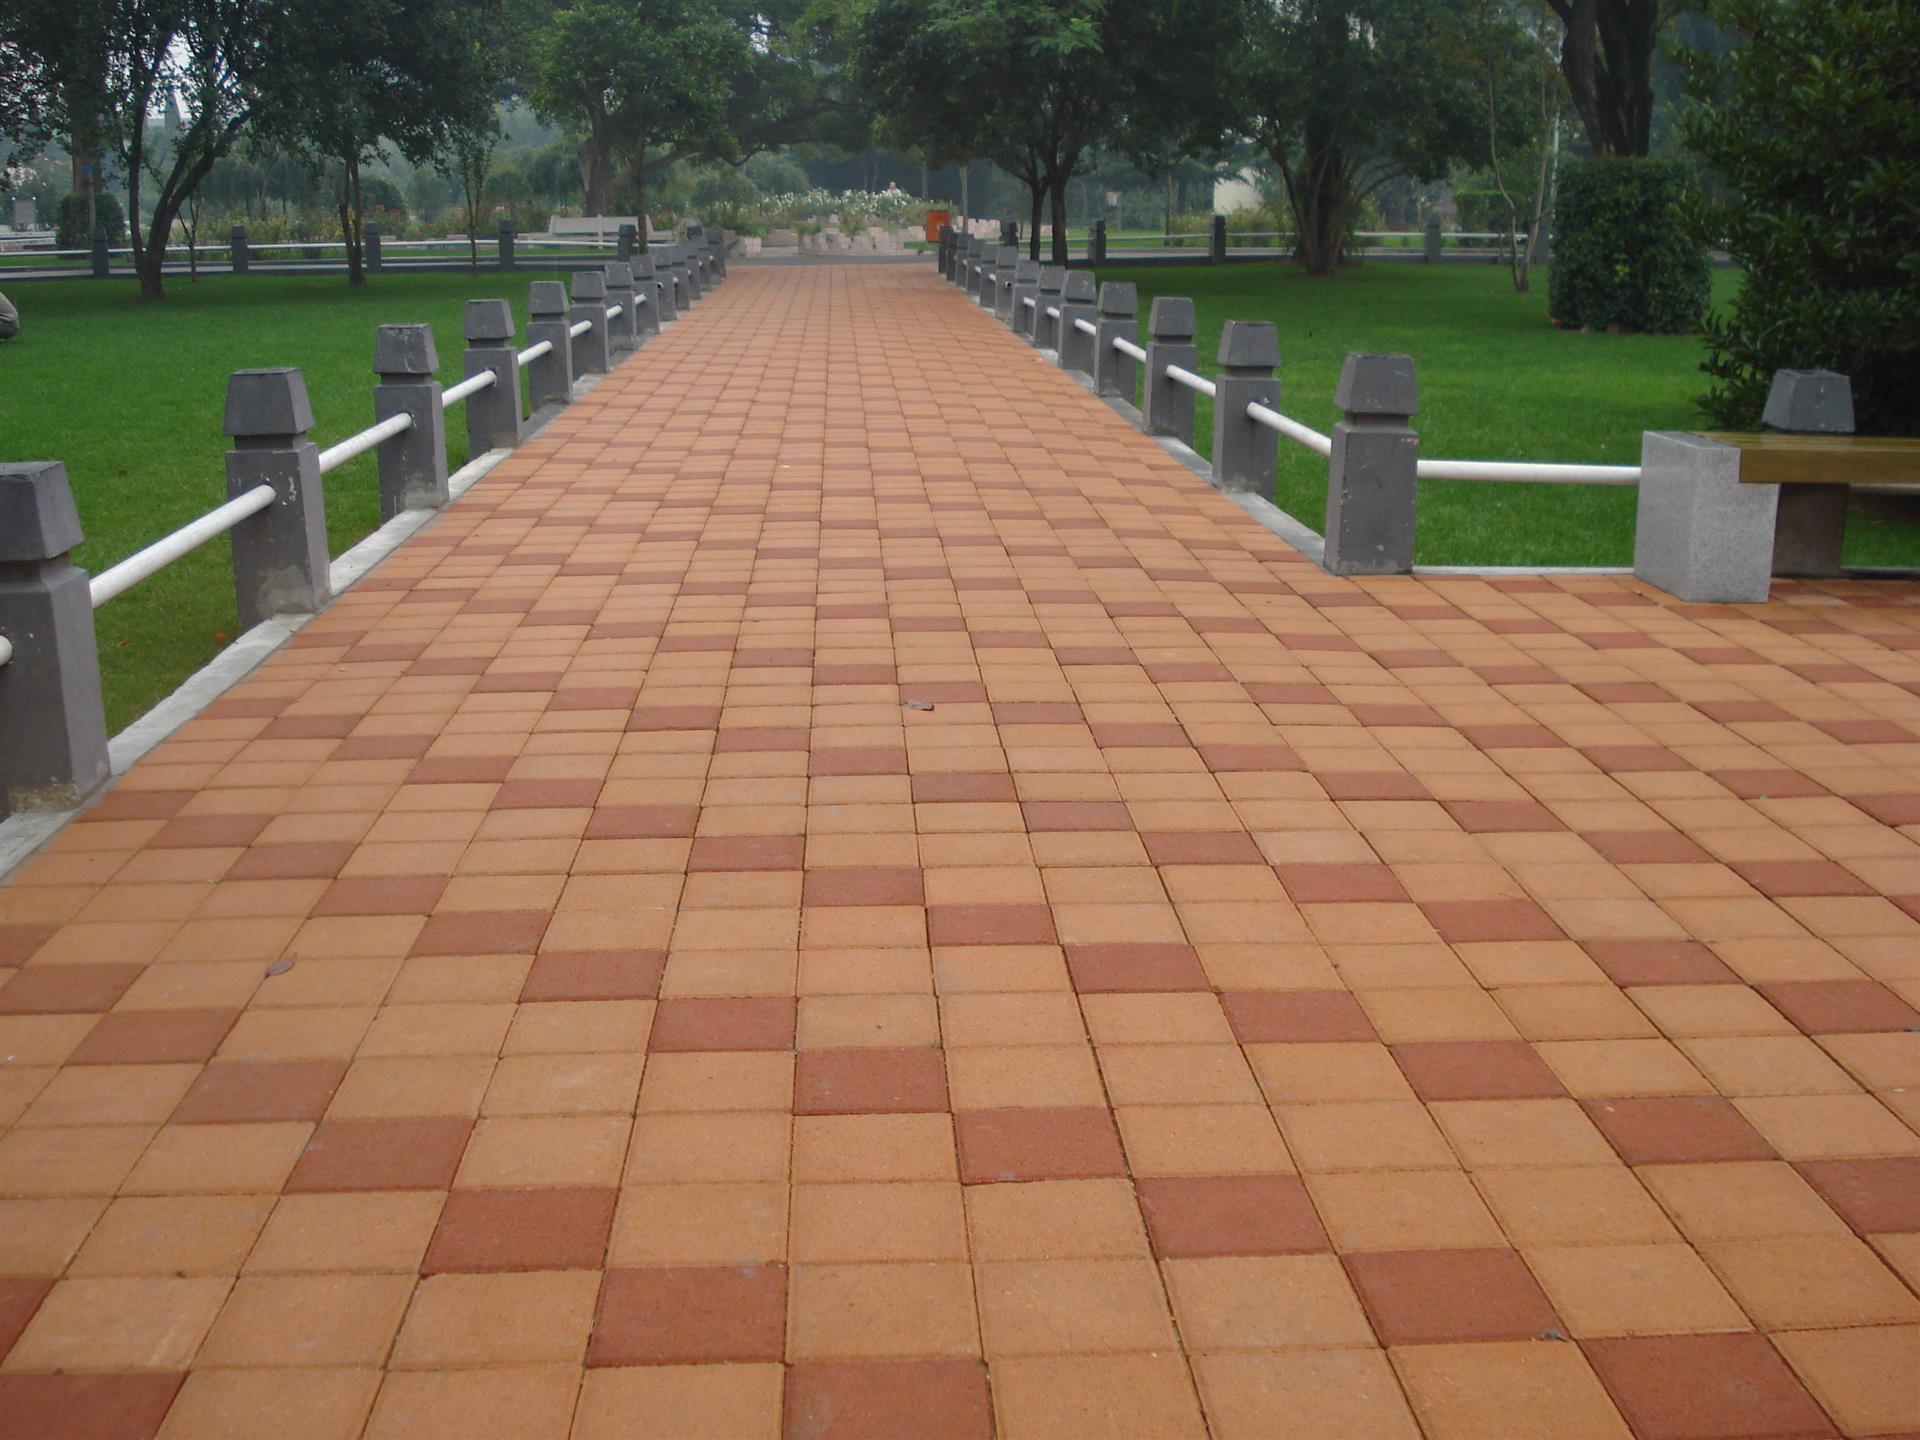 广西透水砖厂家,彩色透水砖批发|海绵城市透水砖-广西世业昊建材有限公司